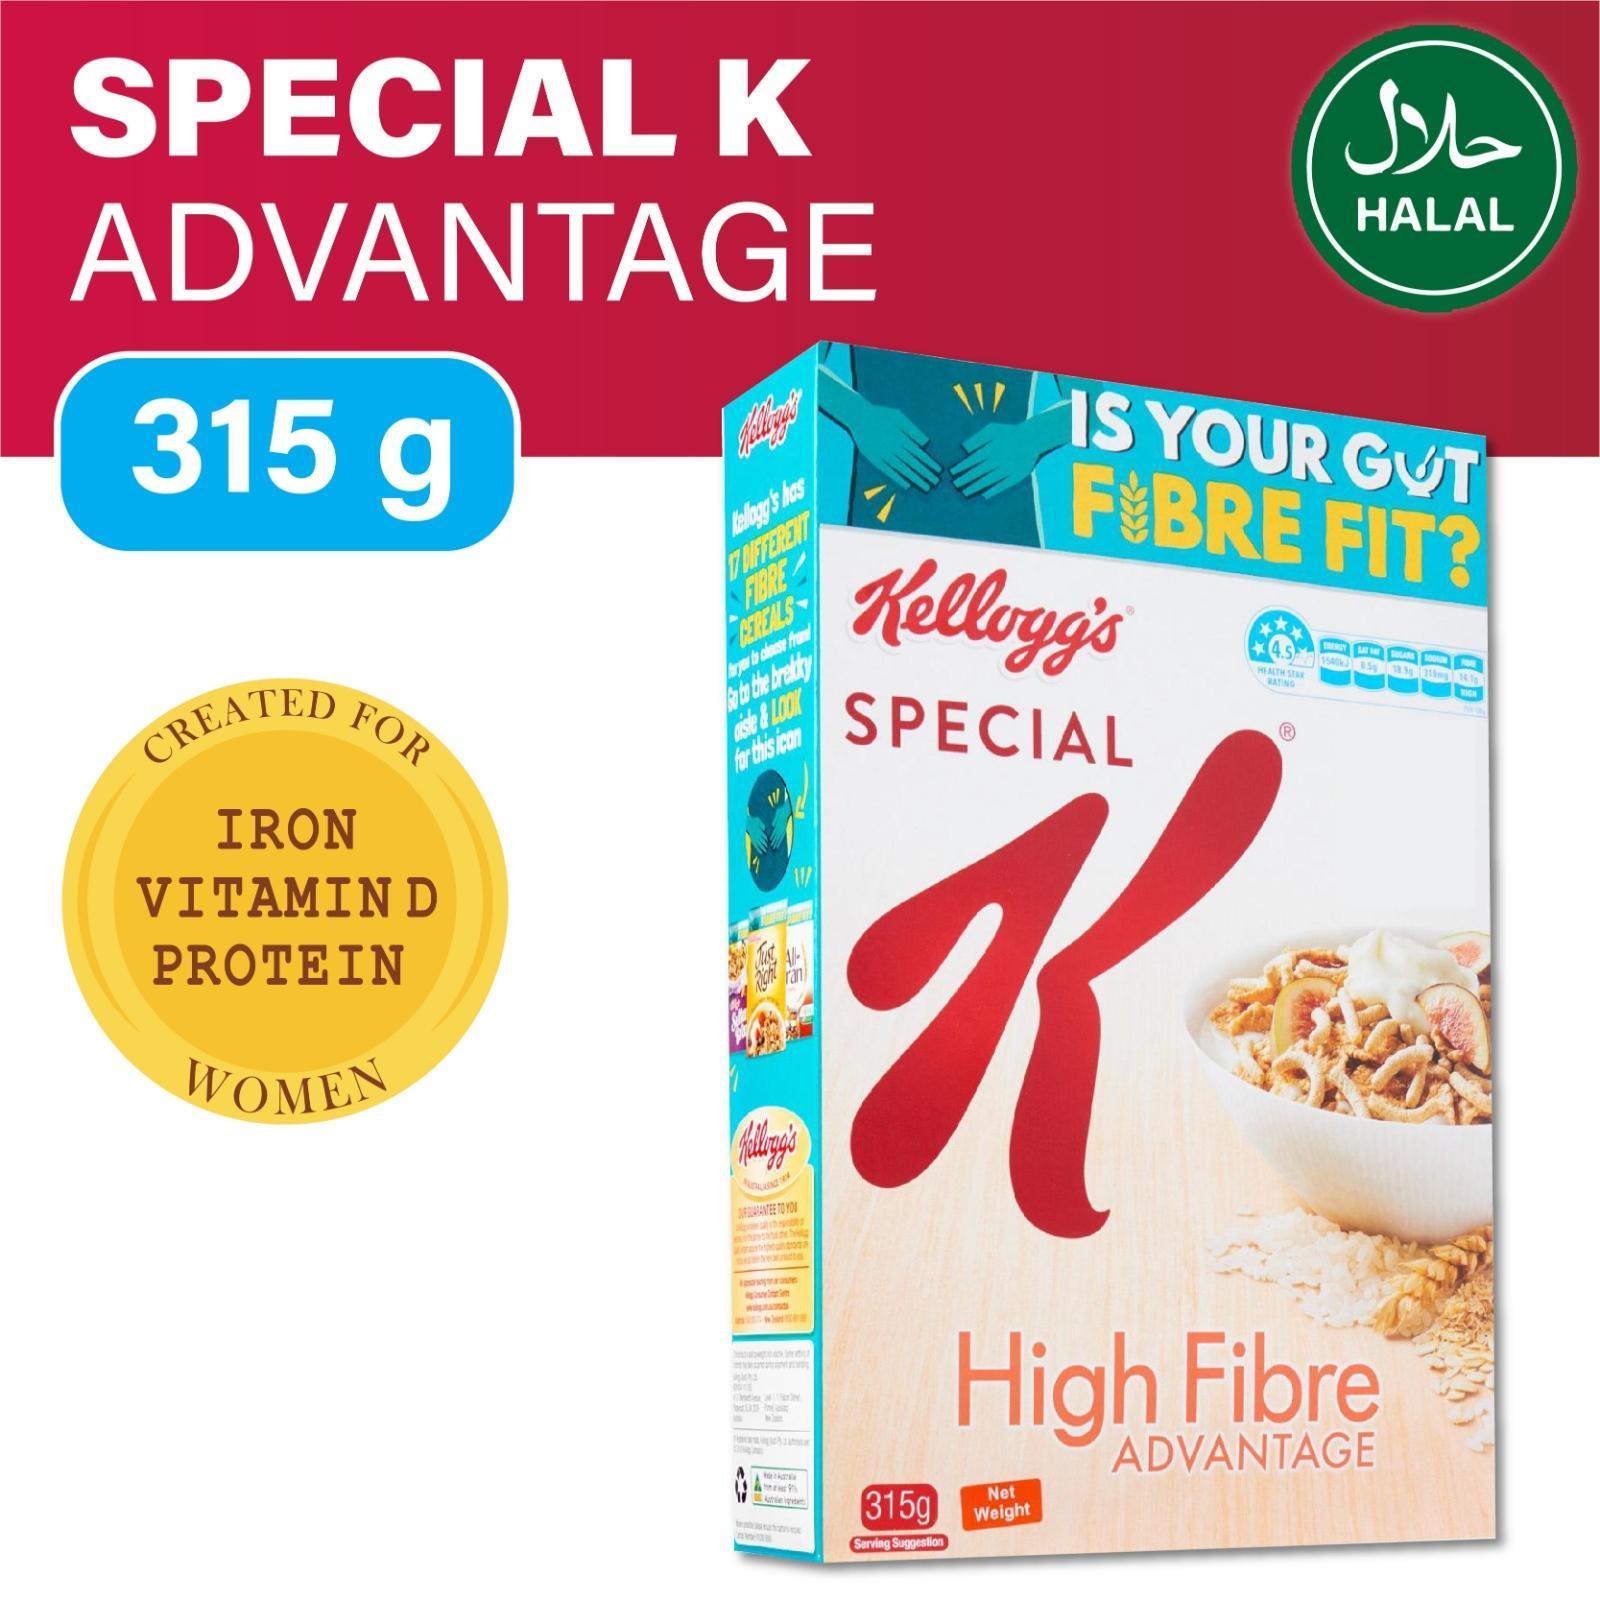 Kellogg's Special K Advantage Hi Fibre Breakfast Cereal